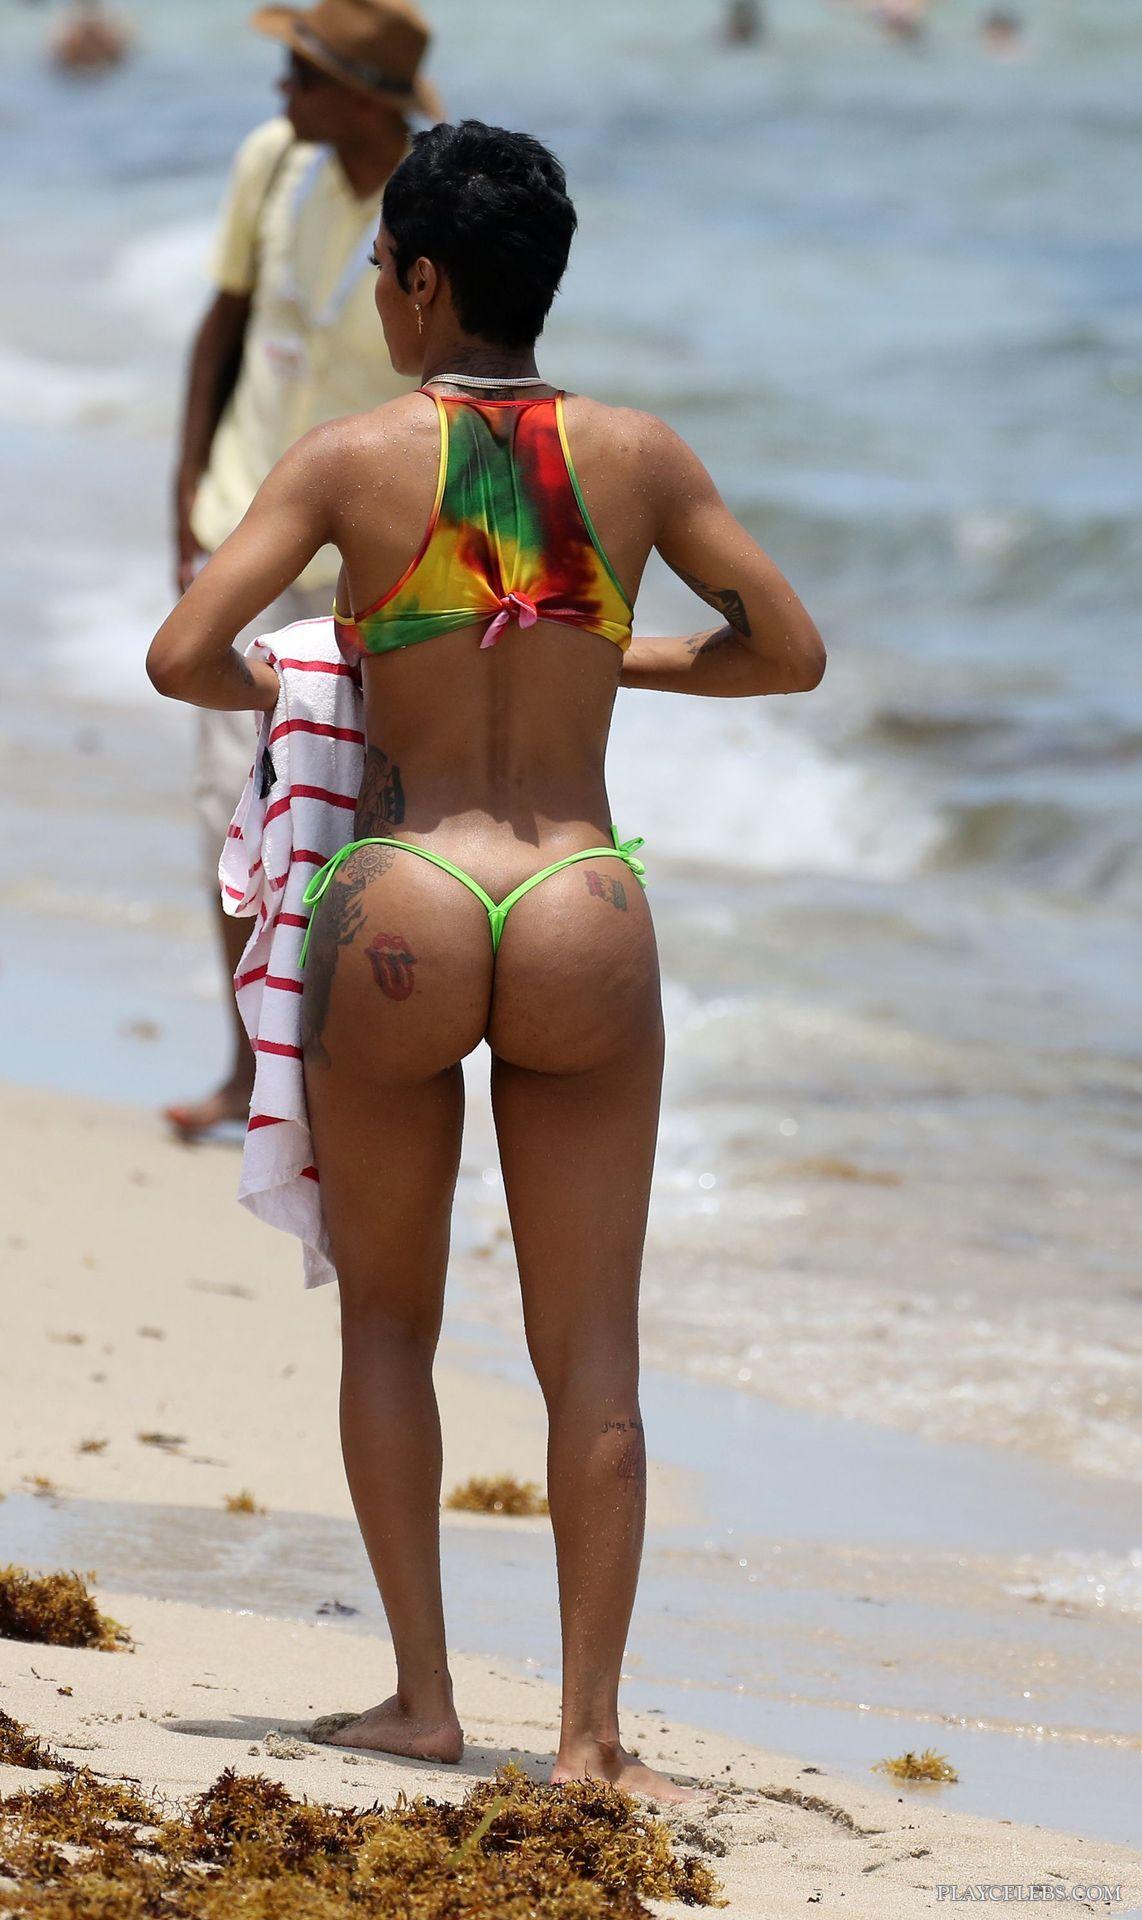 Teyana Taylor Hot Ass In Micro Bikini